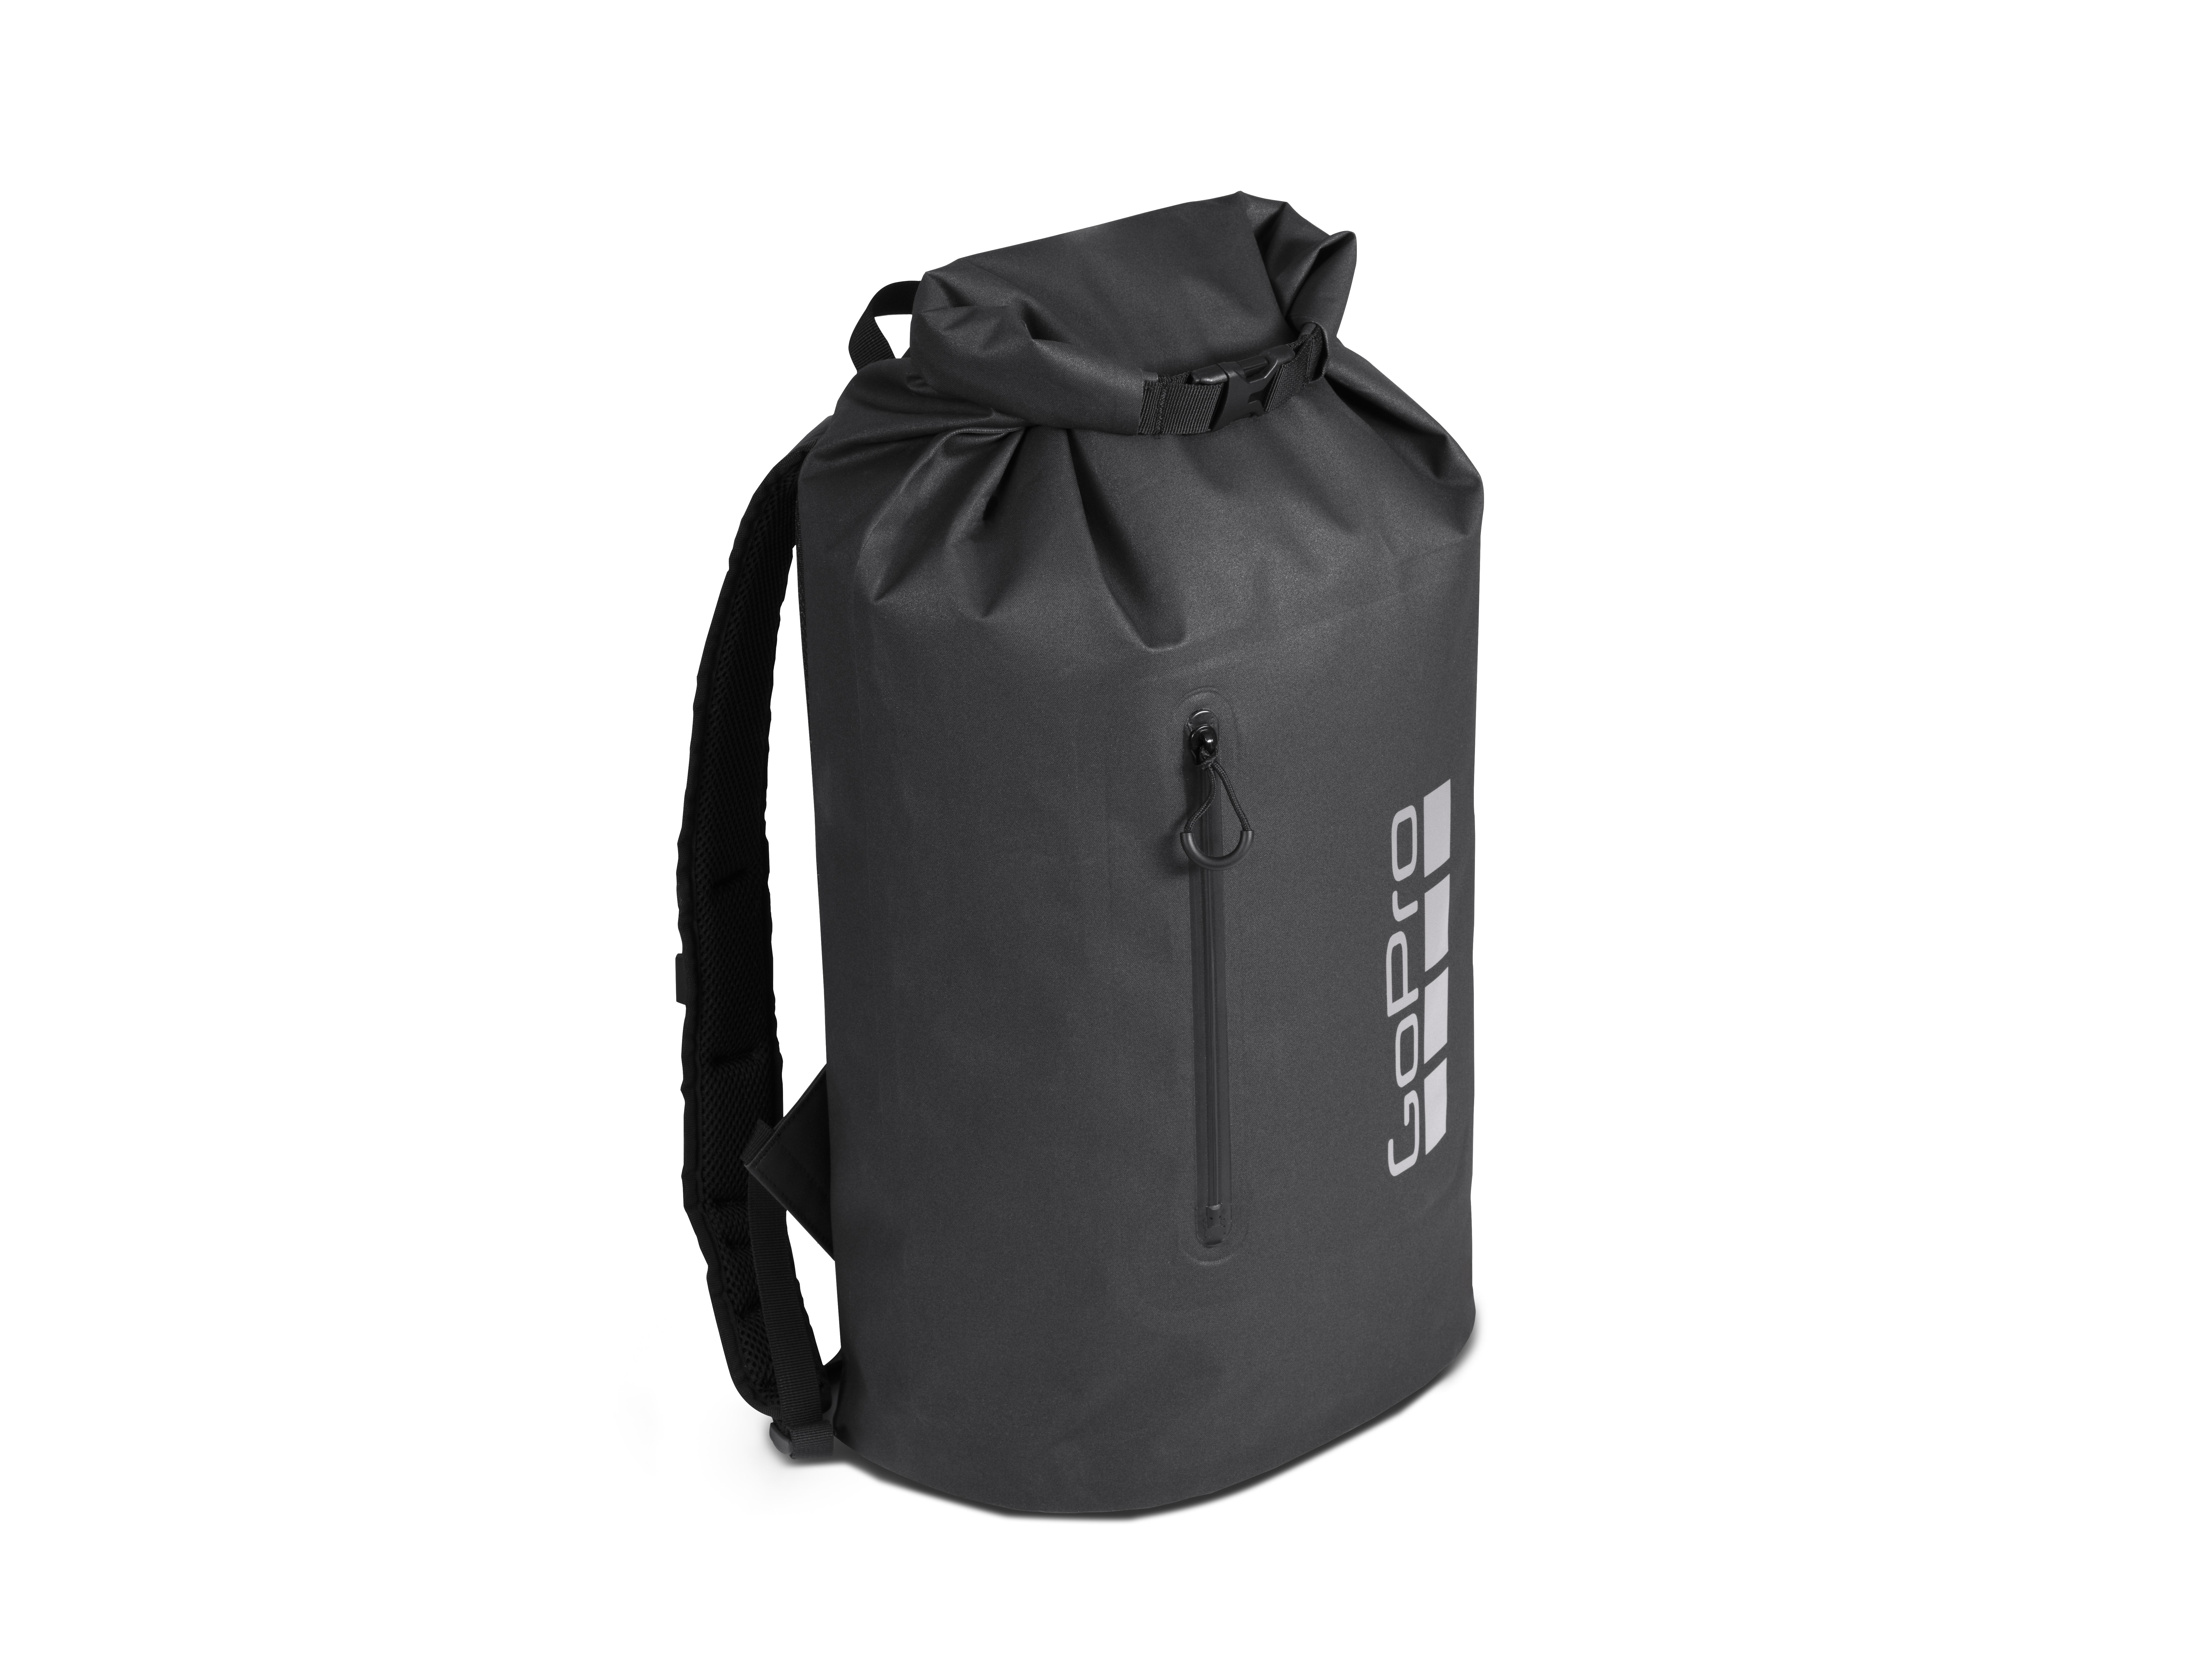 Storm Dry Bag Angle